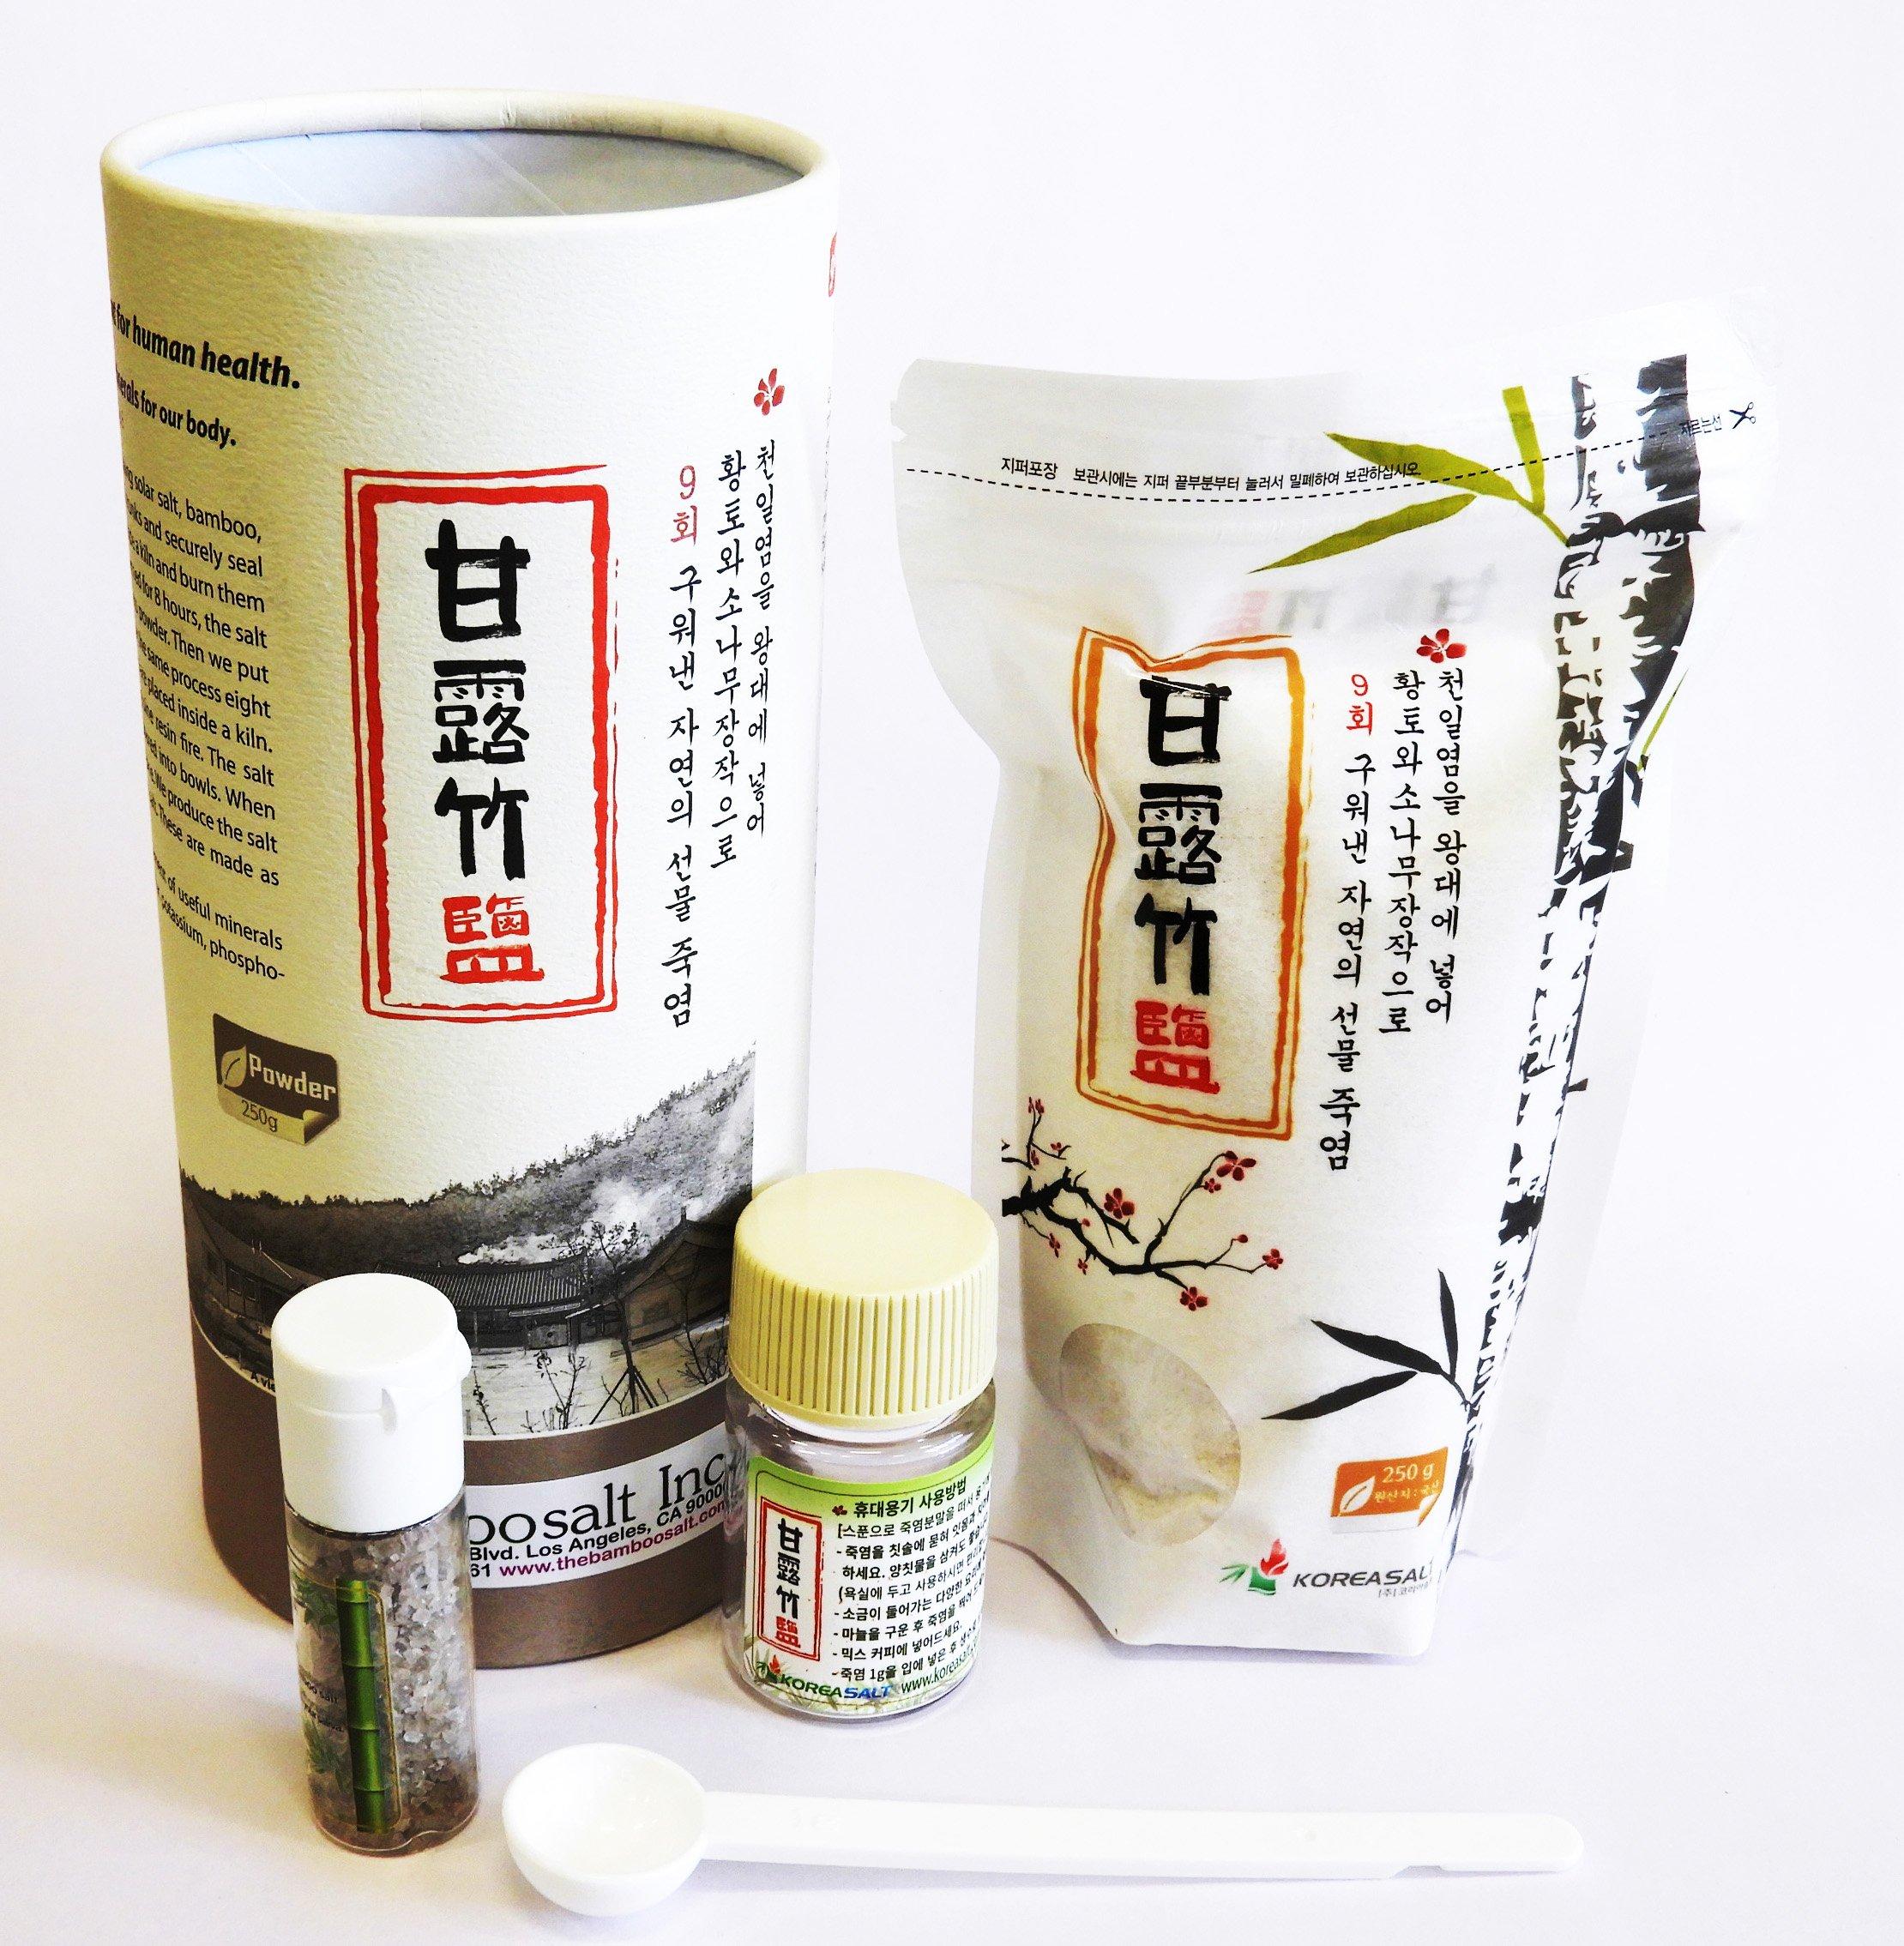 Original Bamboo Salt 9-Times Roasted 250 Gram (8.8 Ounce) Powder Rich Minerals